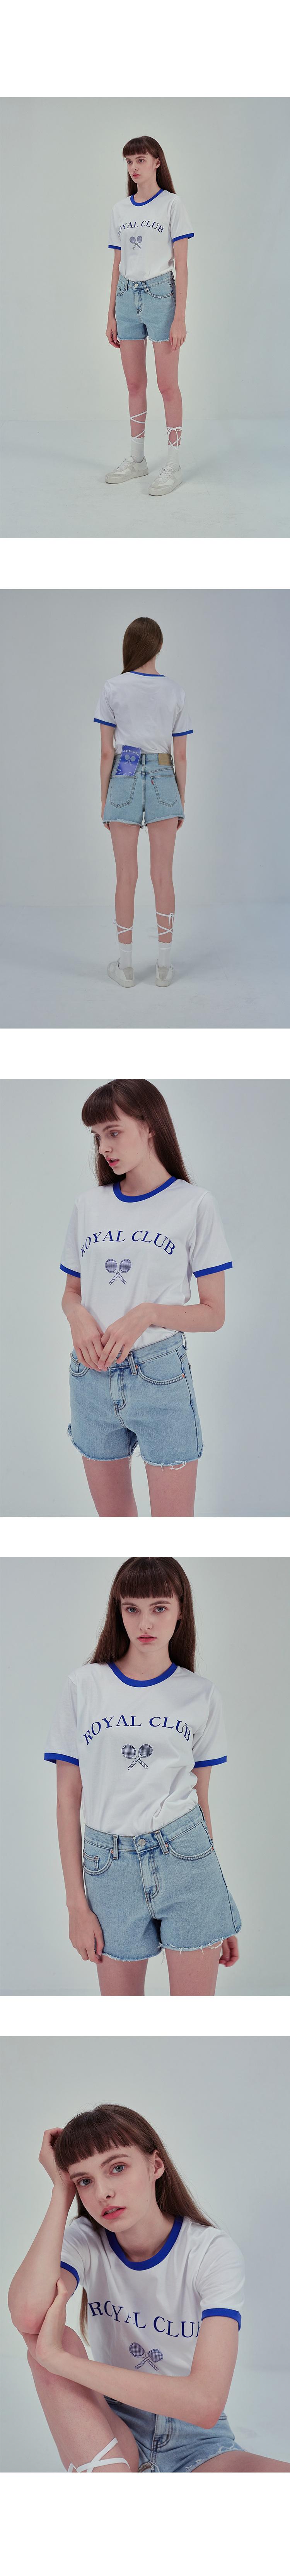 노이커먼(NOYCOMMON) ROYAL CLUB TEE YE